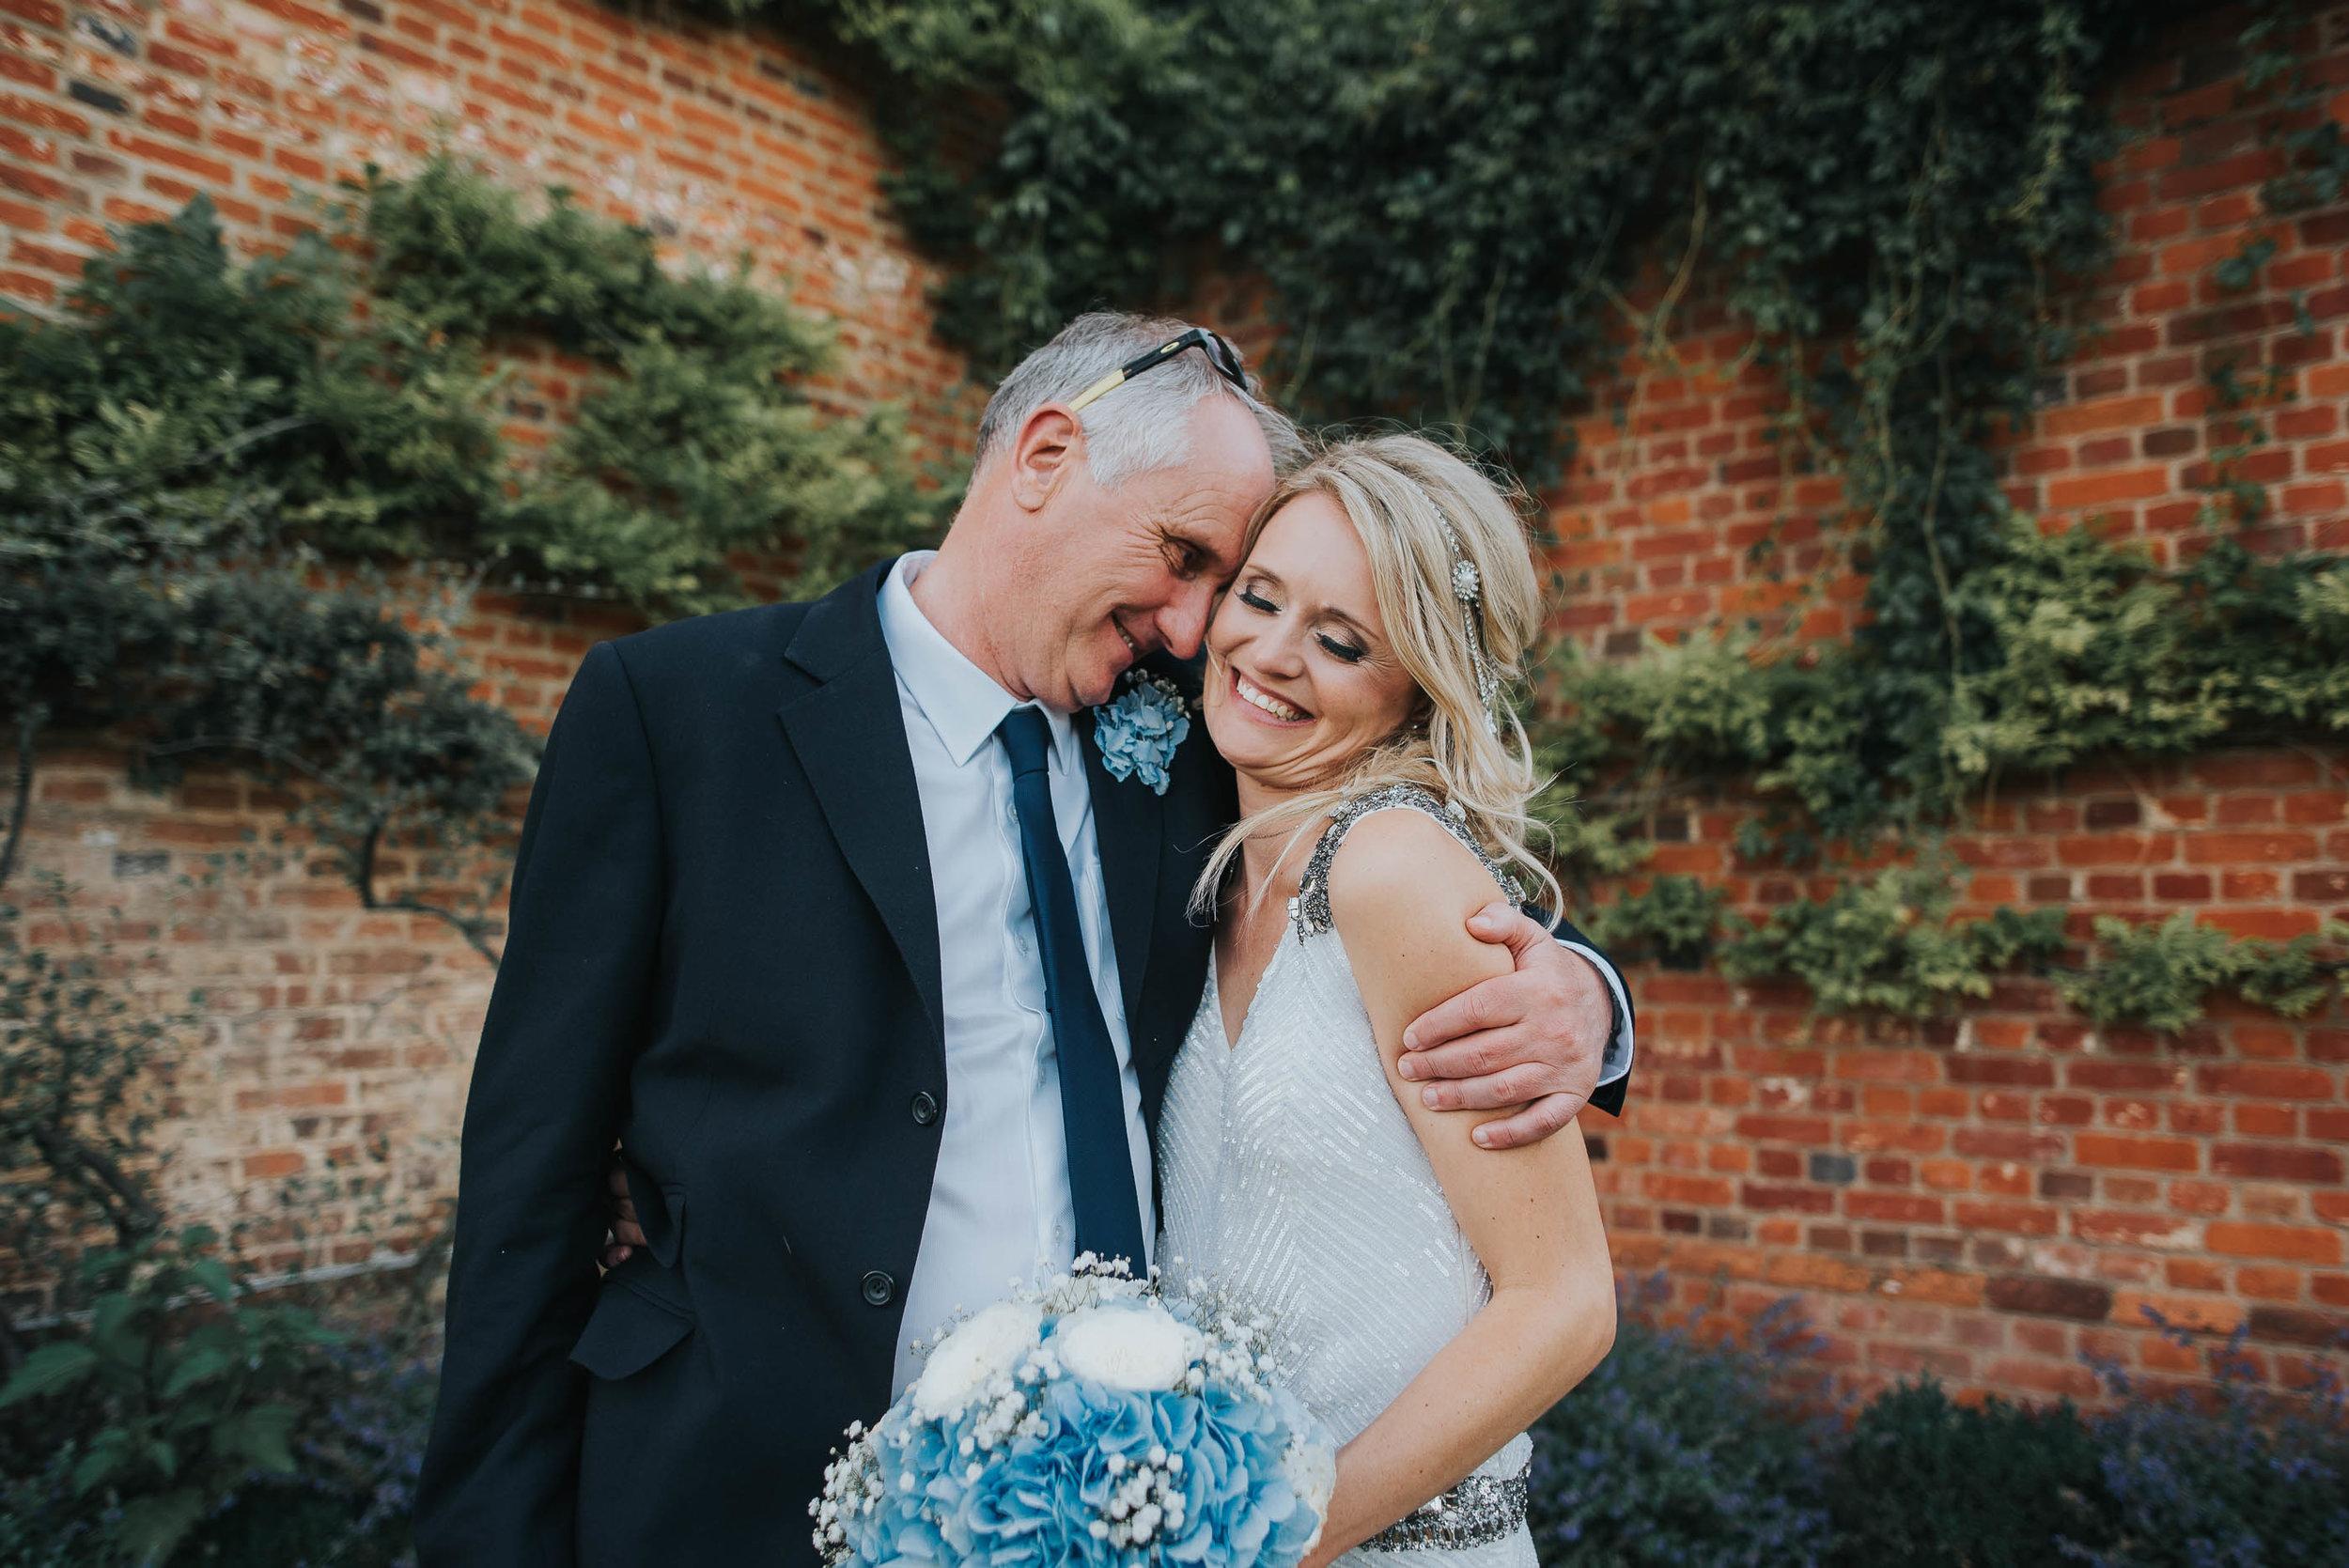 Creative Unique Wedding Photographer Essex Suffolk UK Wedding Photographer www.purplepeartreephotography.com (735).JPG